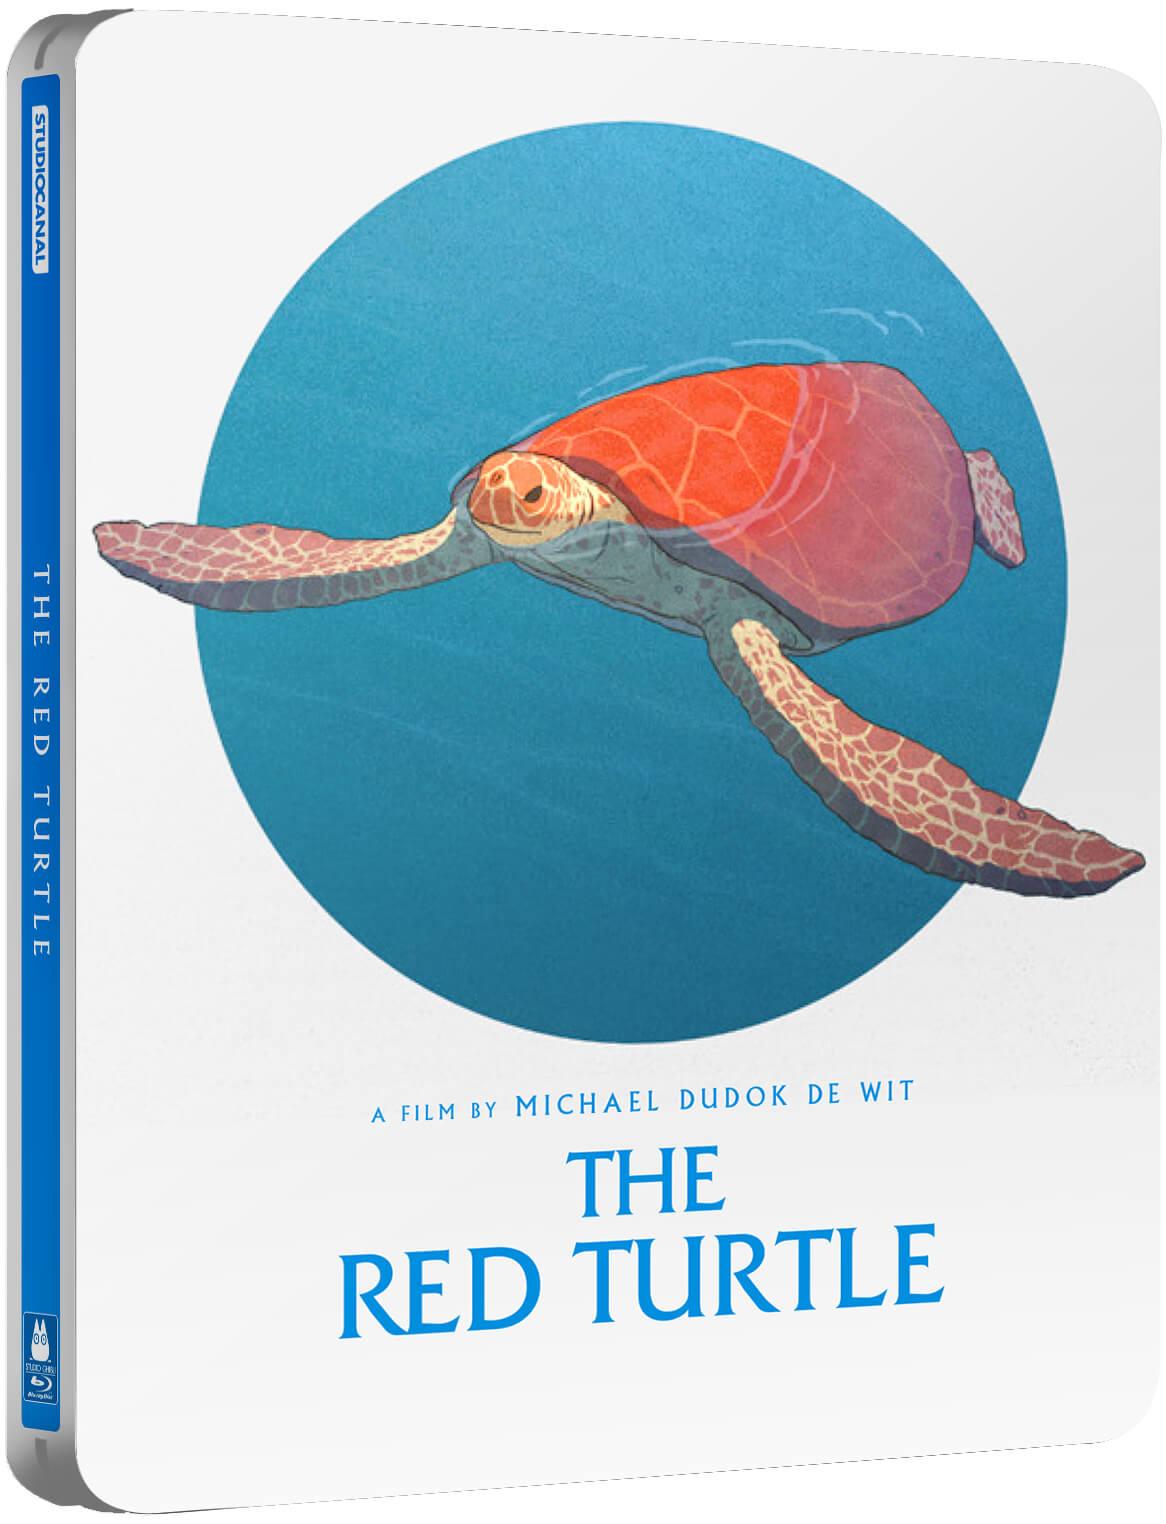 Studio Ghibli The Red Turtle Steelbook £6.99 + £1.99 Delivery @ Zavvi